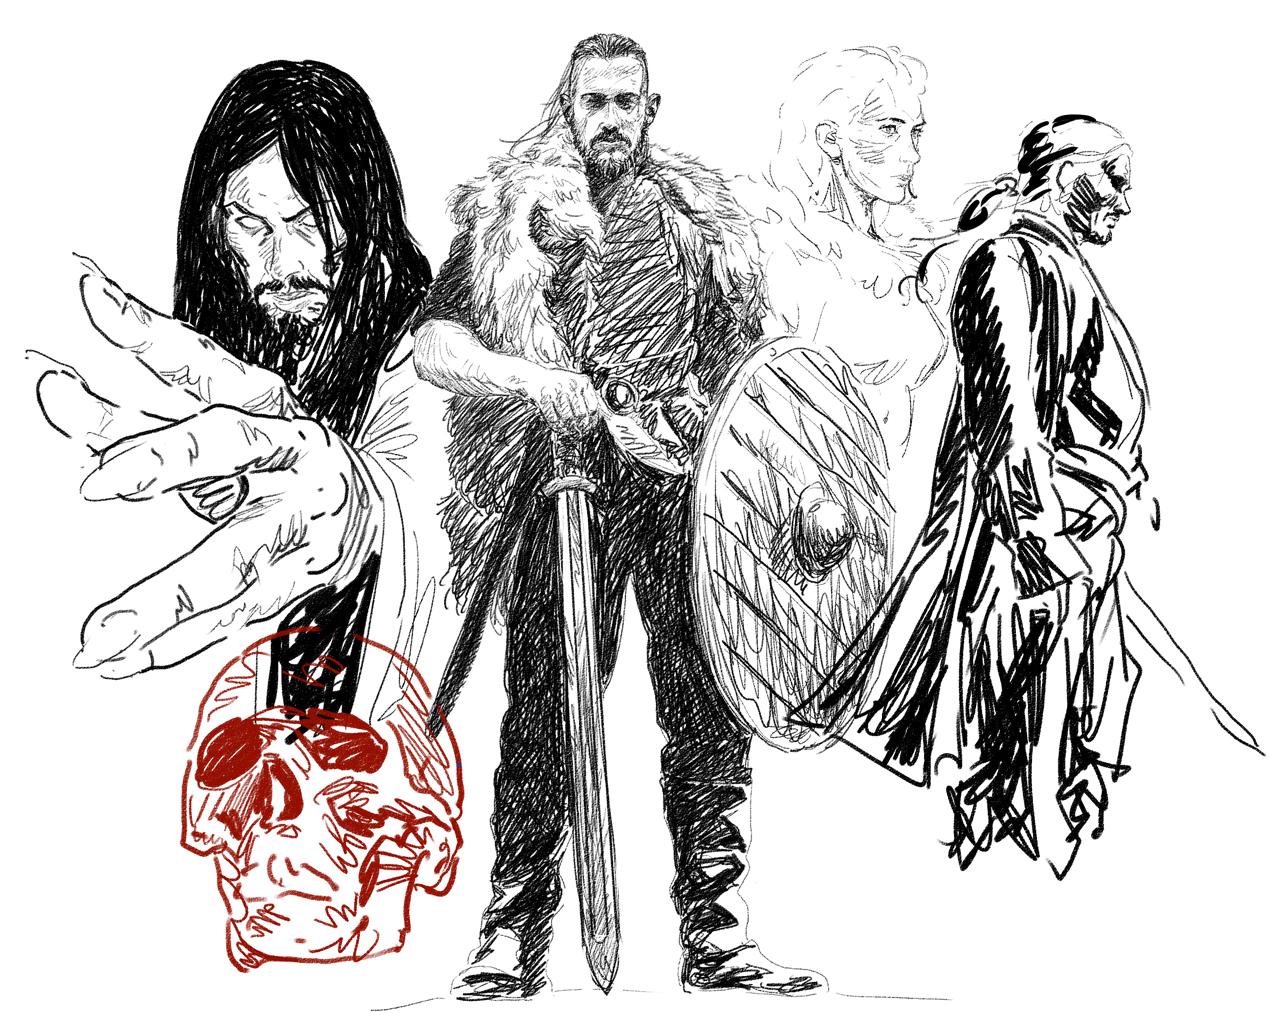 Recherches graphiques de Dagorath - Page 5 1565408566-sketchs